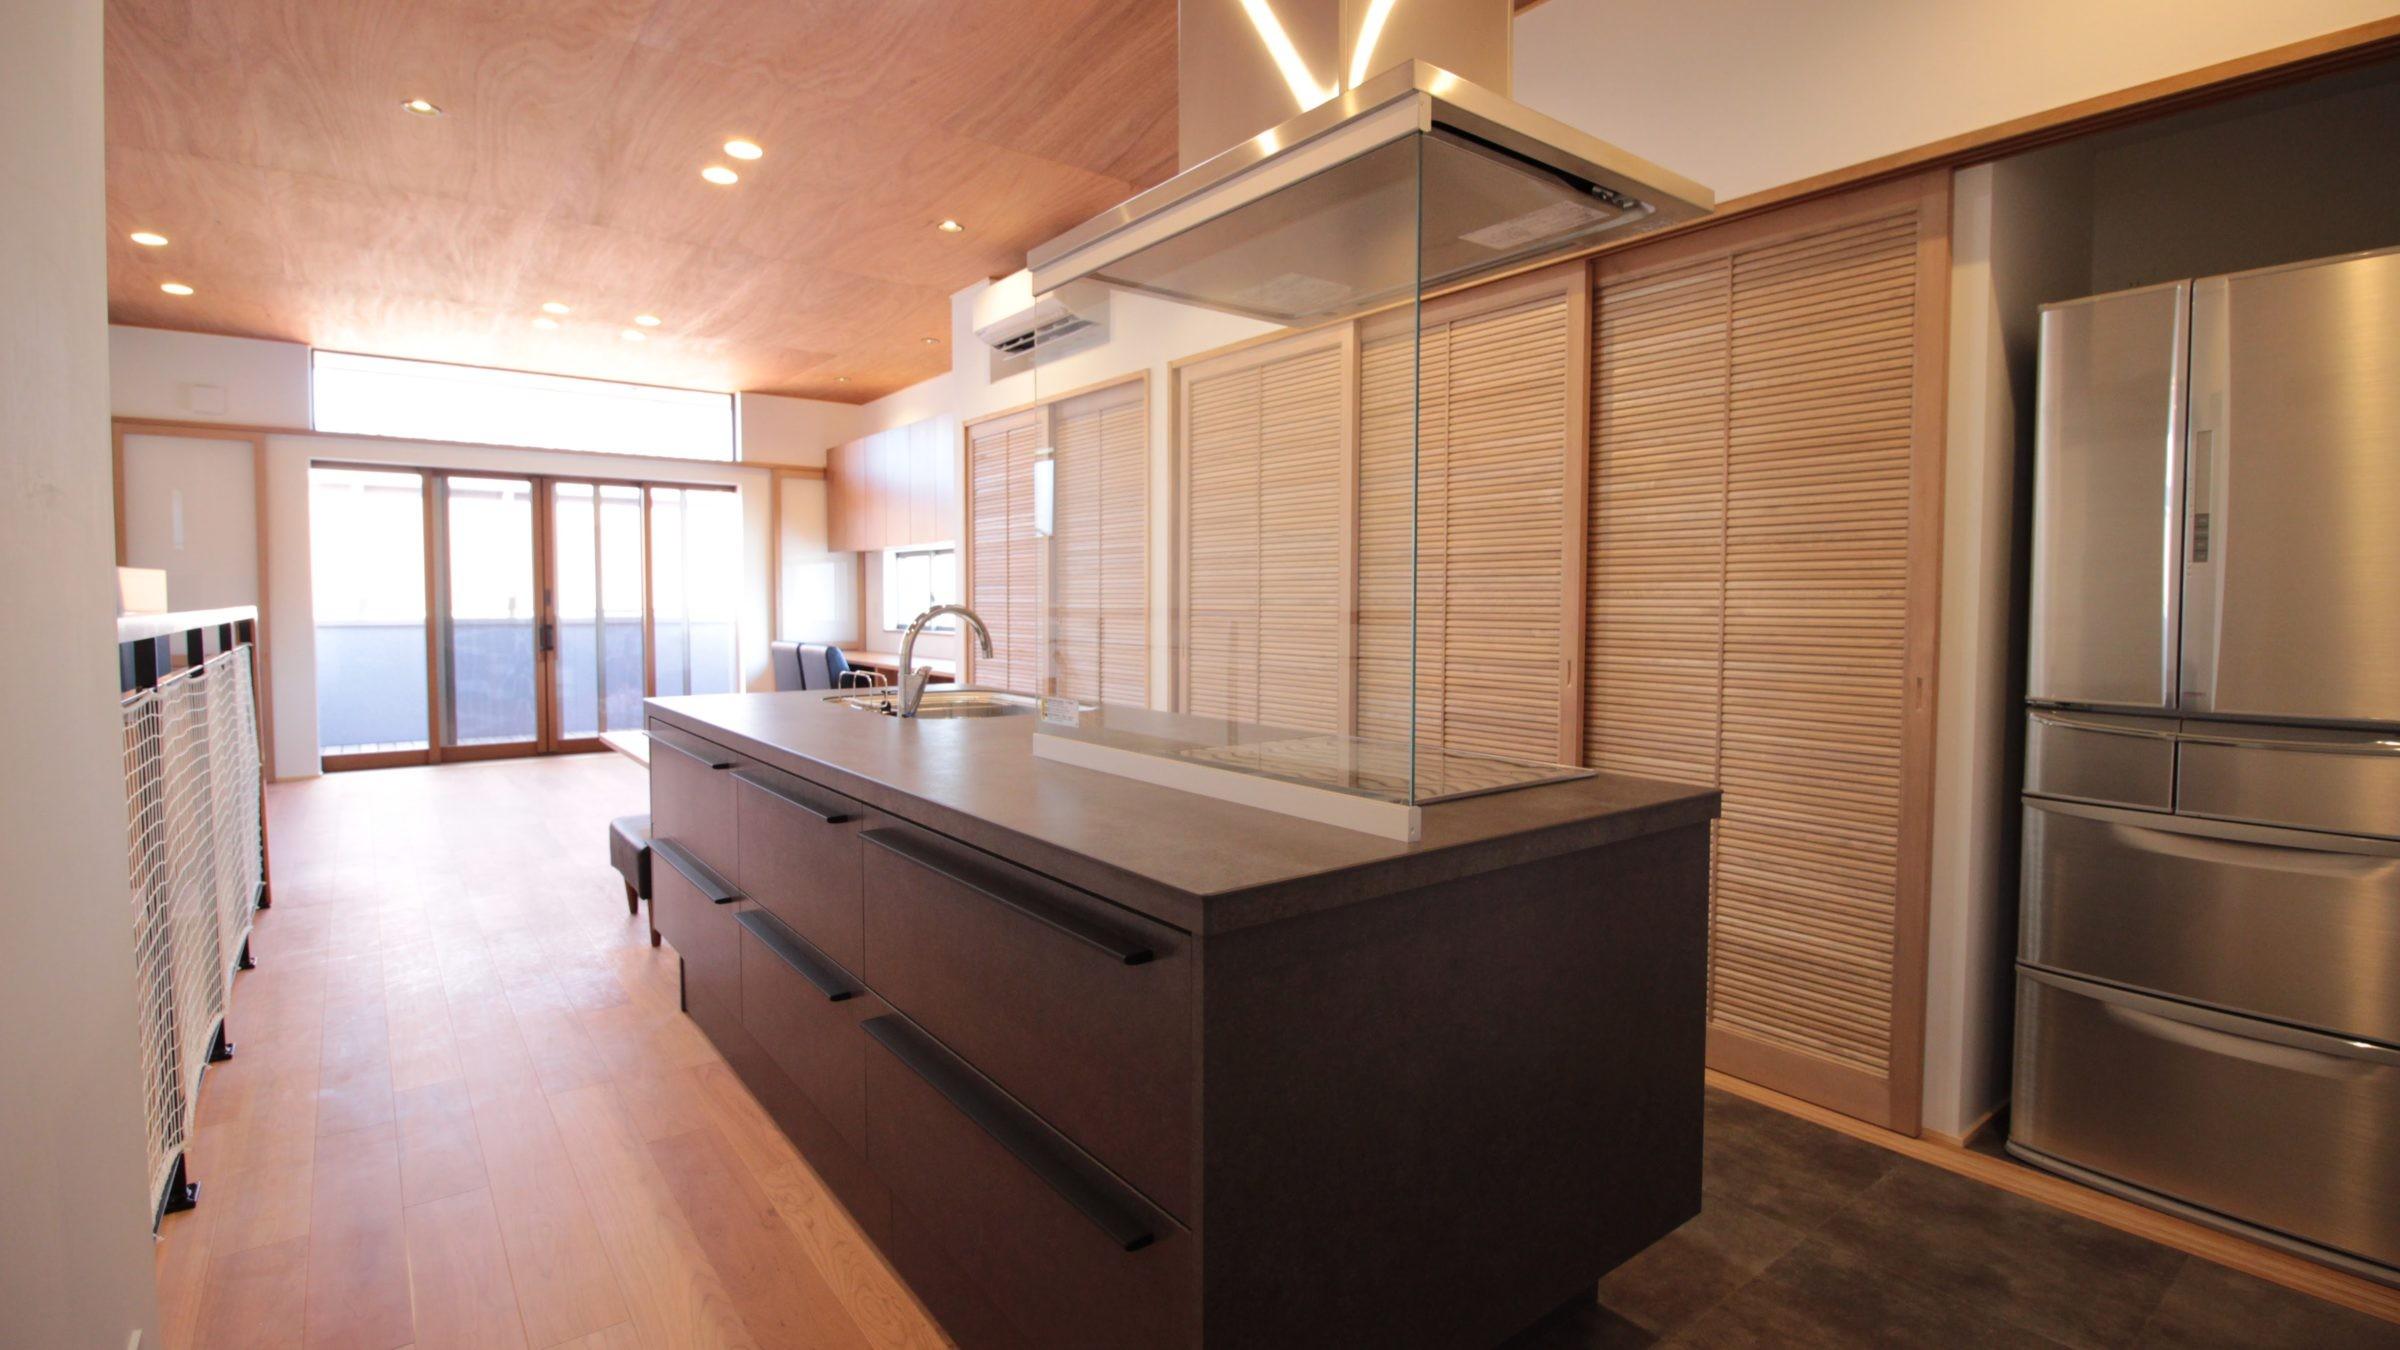 キッチン事例:キッチン(和の素材感をモダンにアレンジした新築住宅)